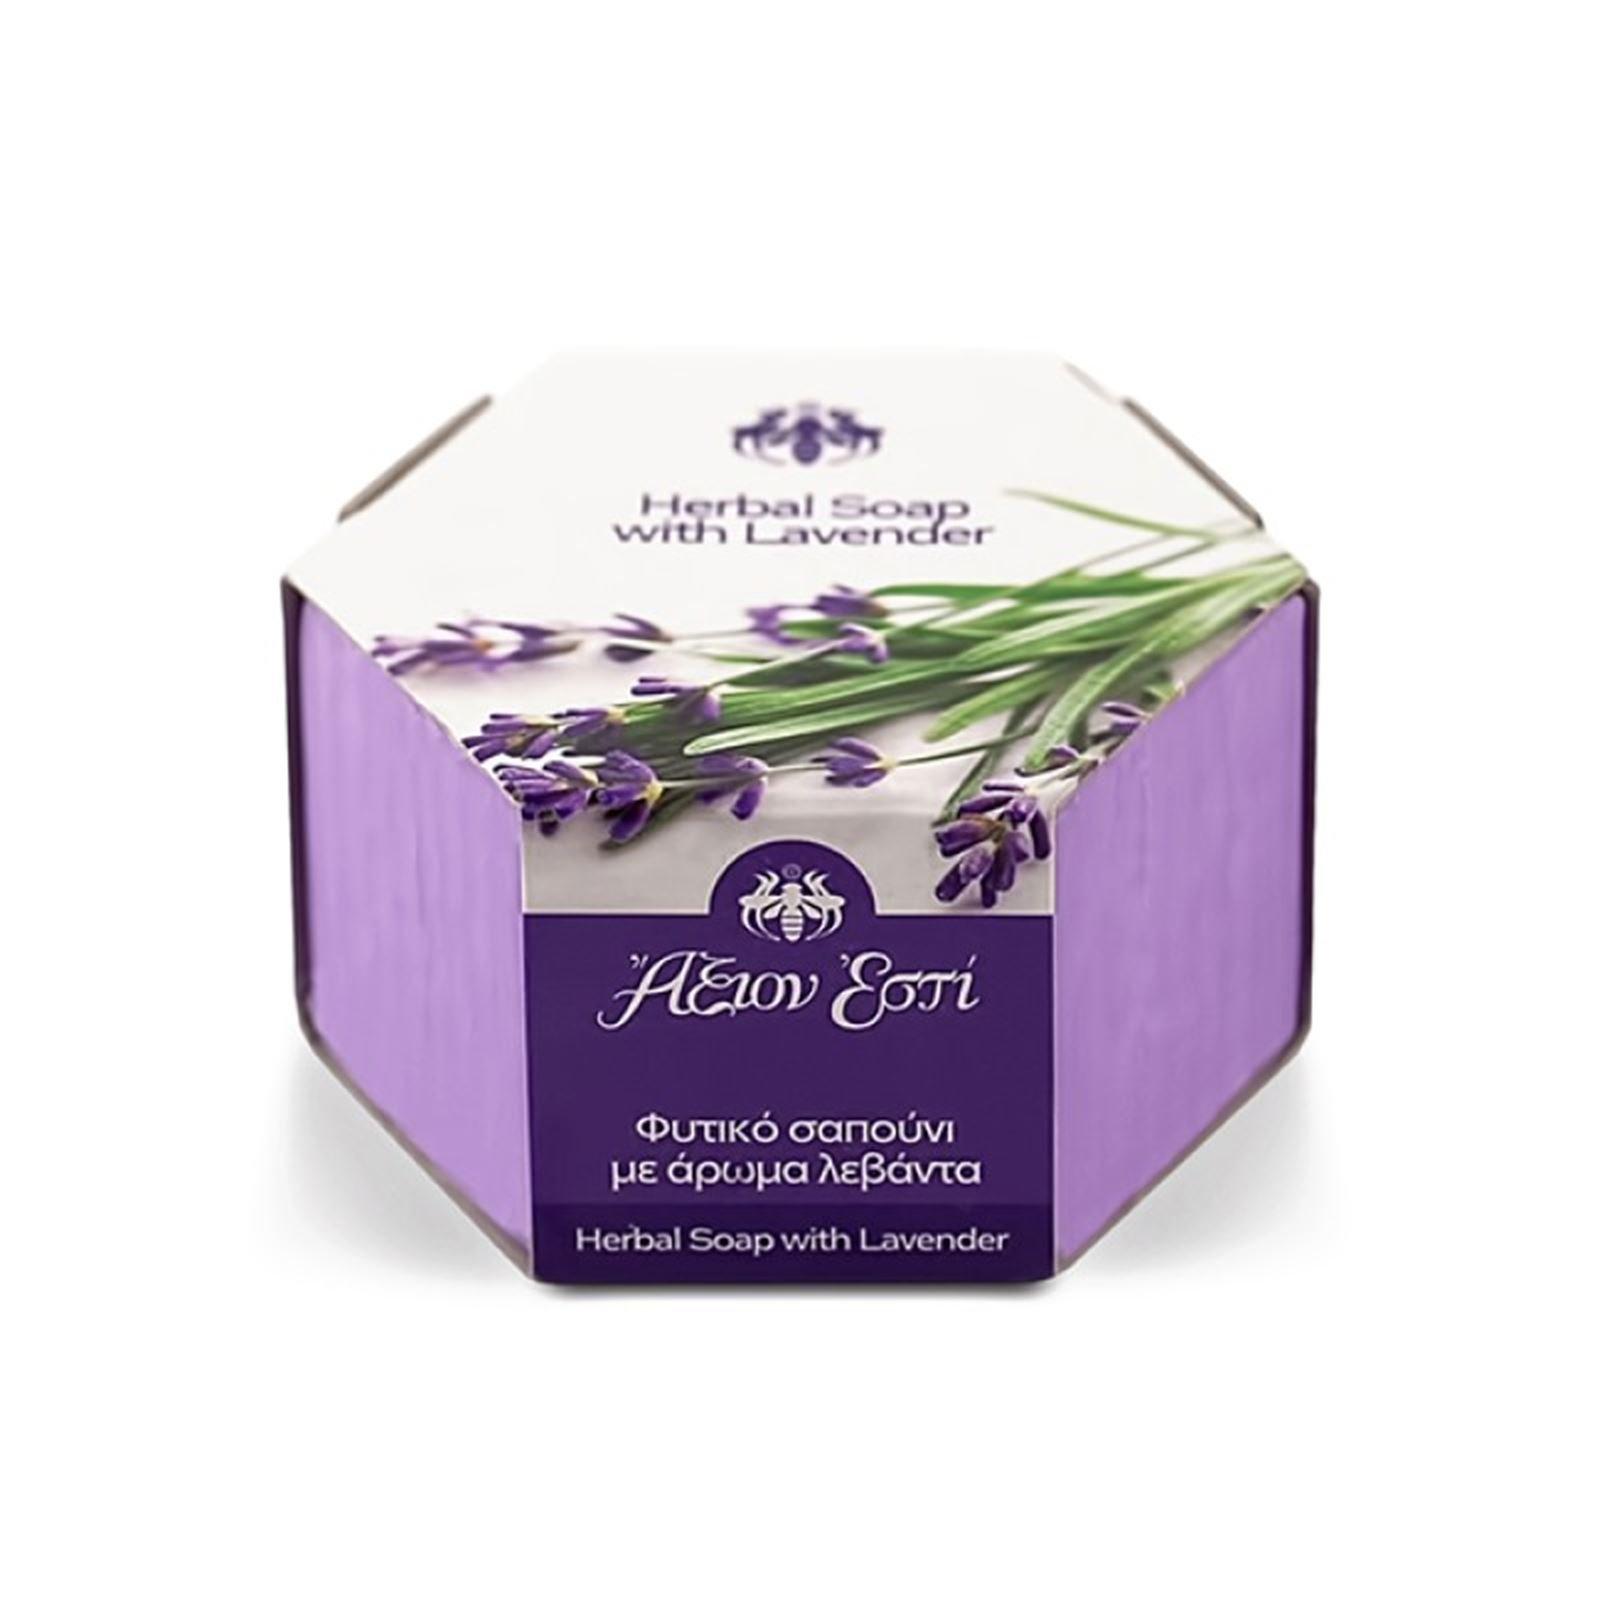 ΑΞΙΟΝ ΕΣΤΙ - Herbal Soap with Lavender